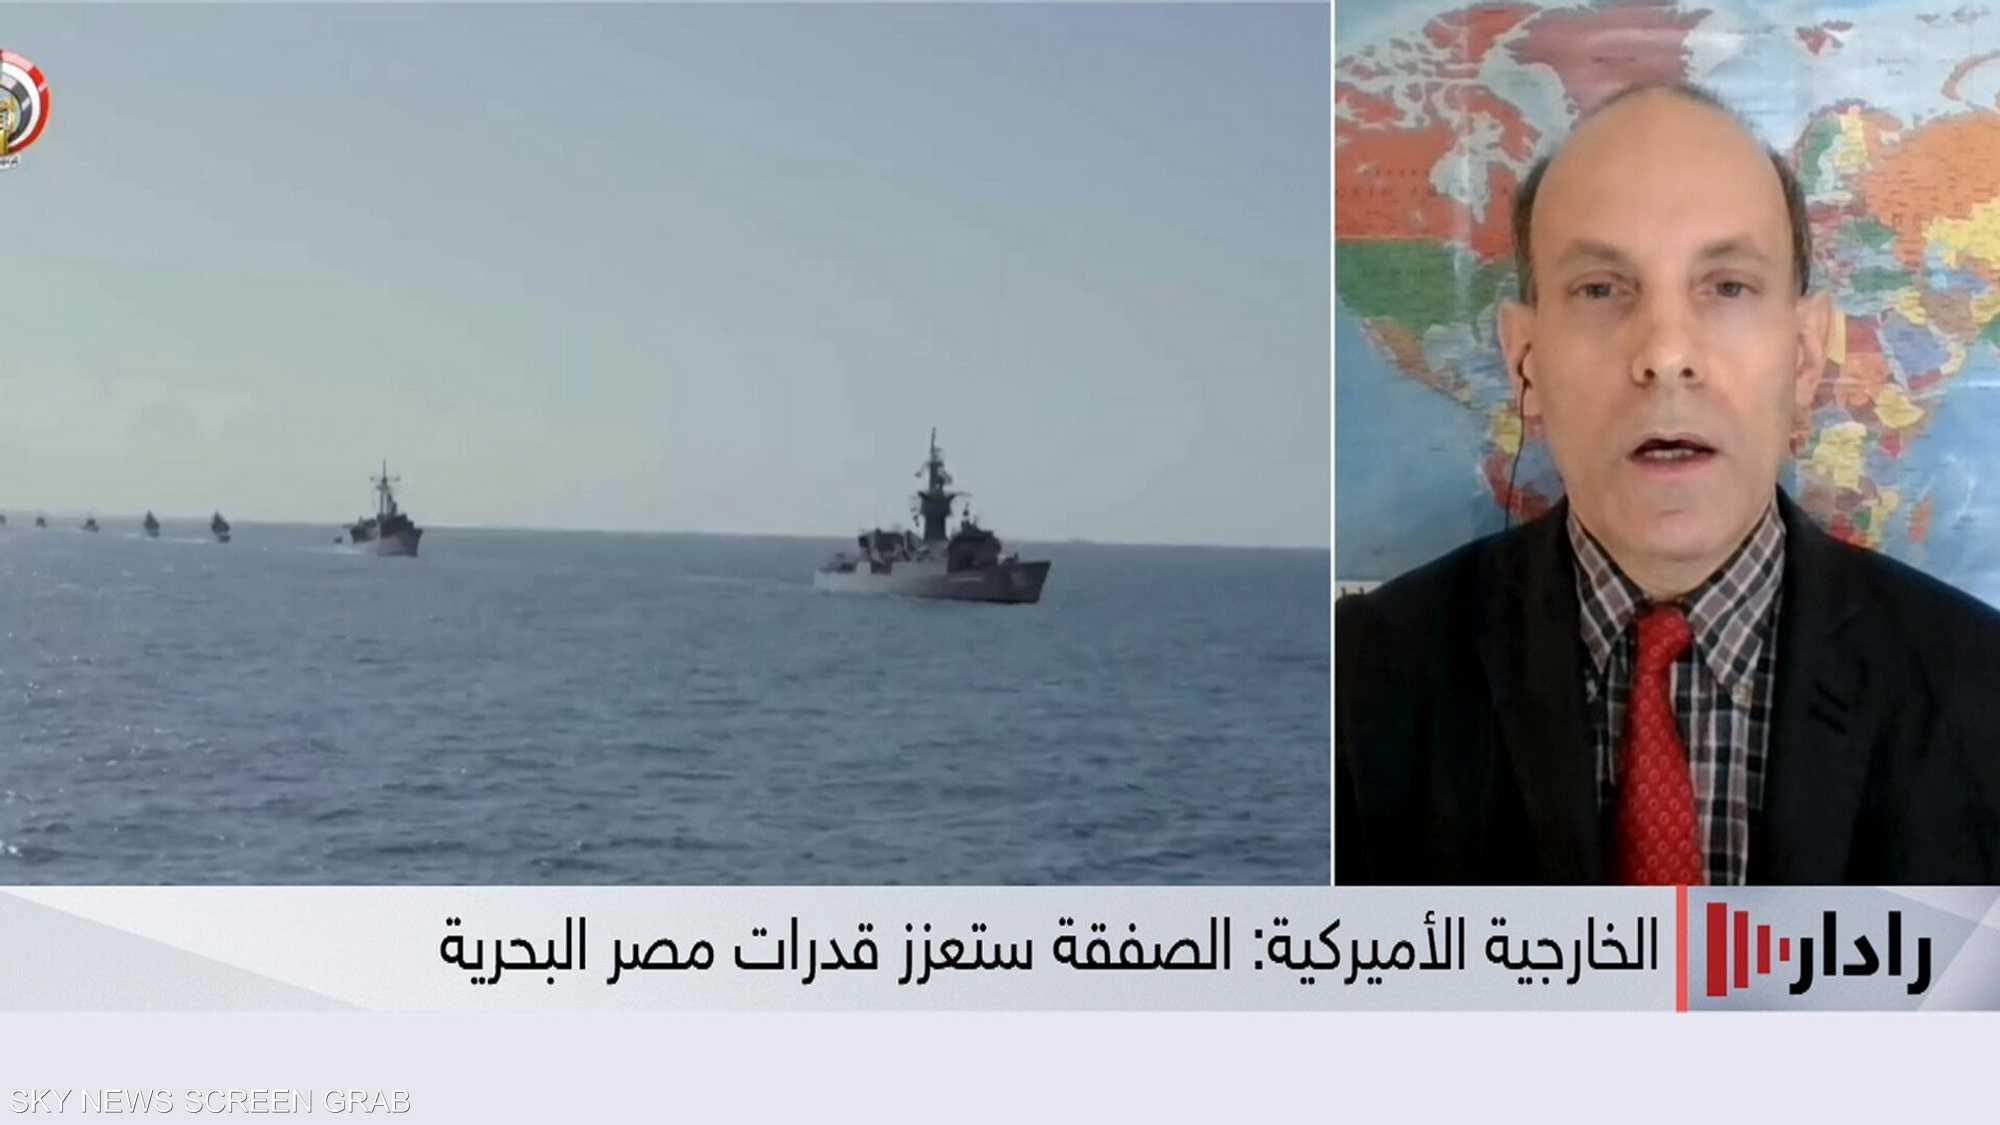 الخارجية الأميركية تخطر الكونغرس بصفقة صواريخ مع مصر